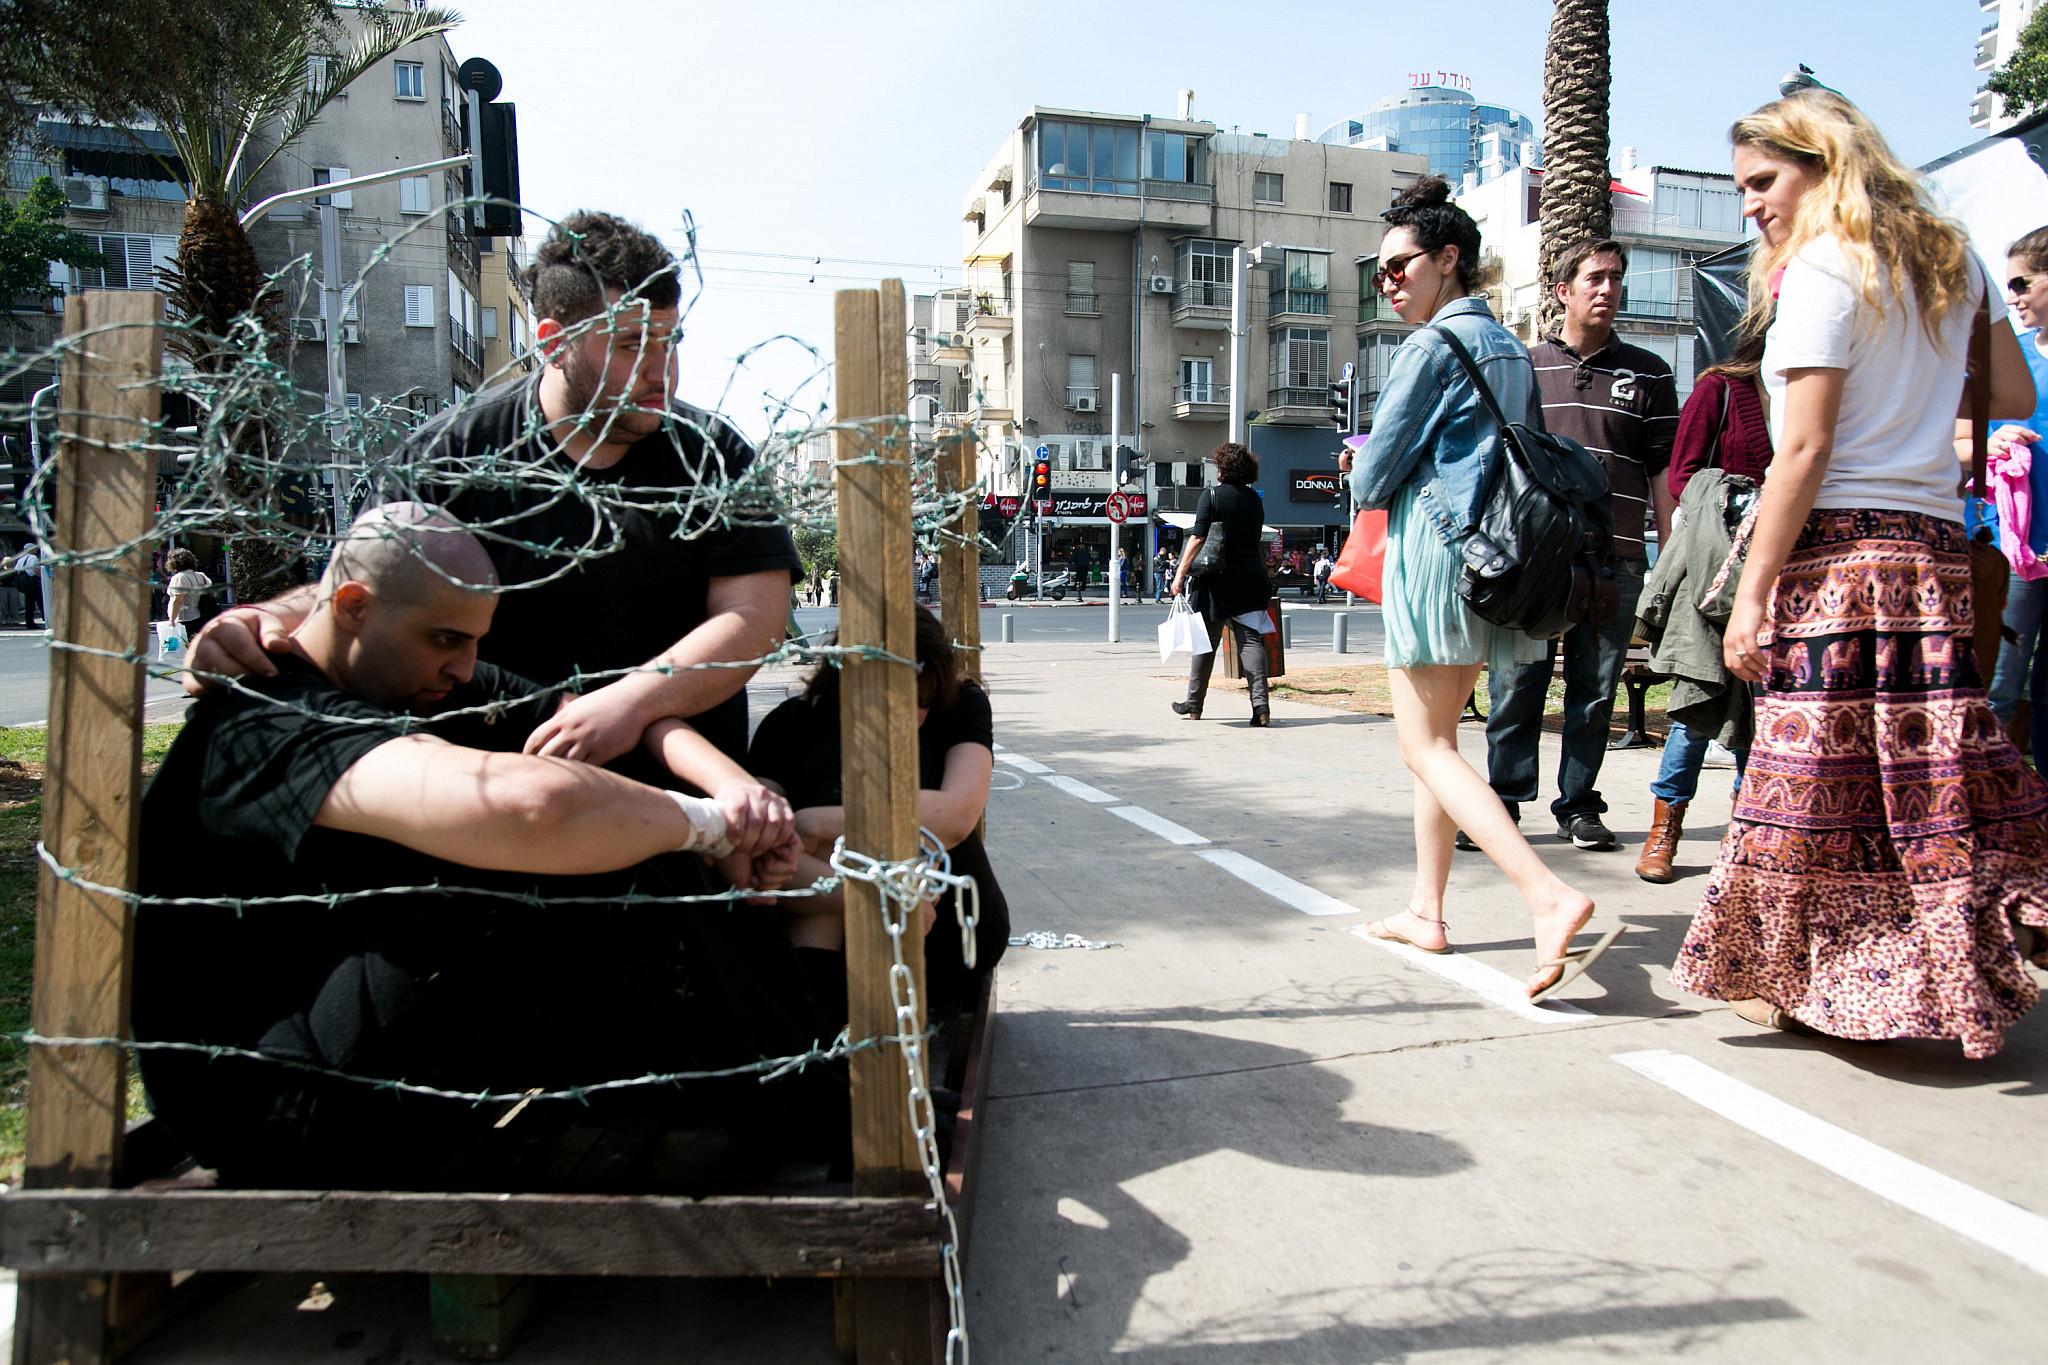 Israeli animal rights activists protest in central Tel Aviv, March 21, 2013. (Yotam Ronen/Activestills.org)